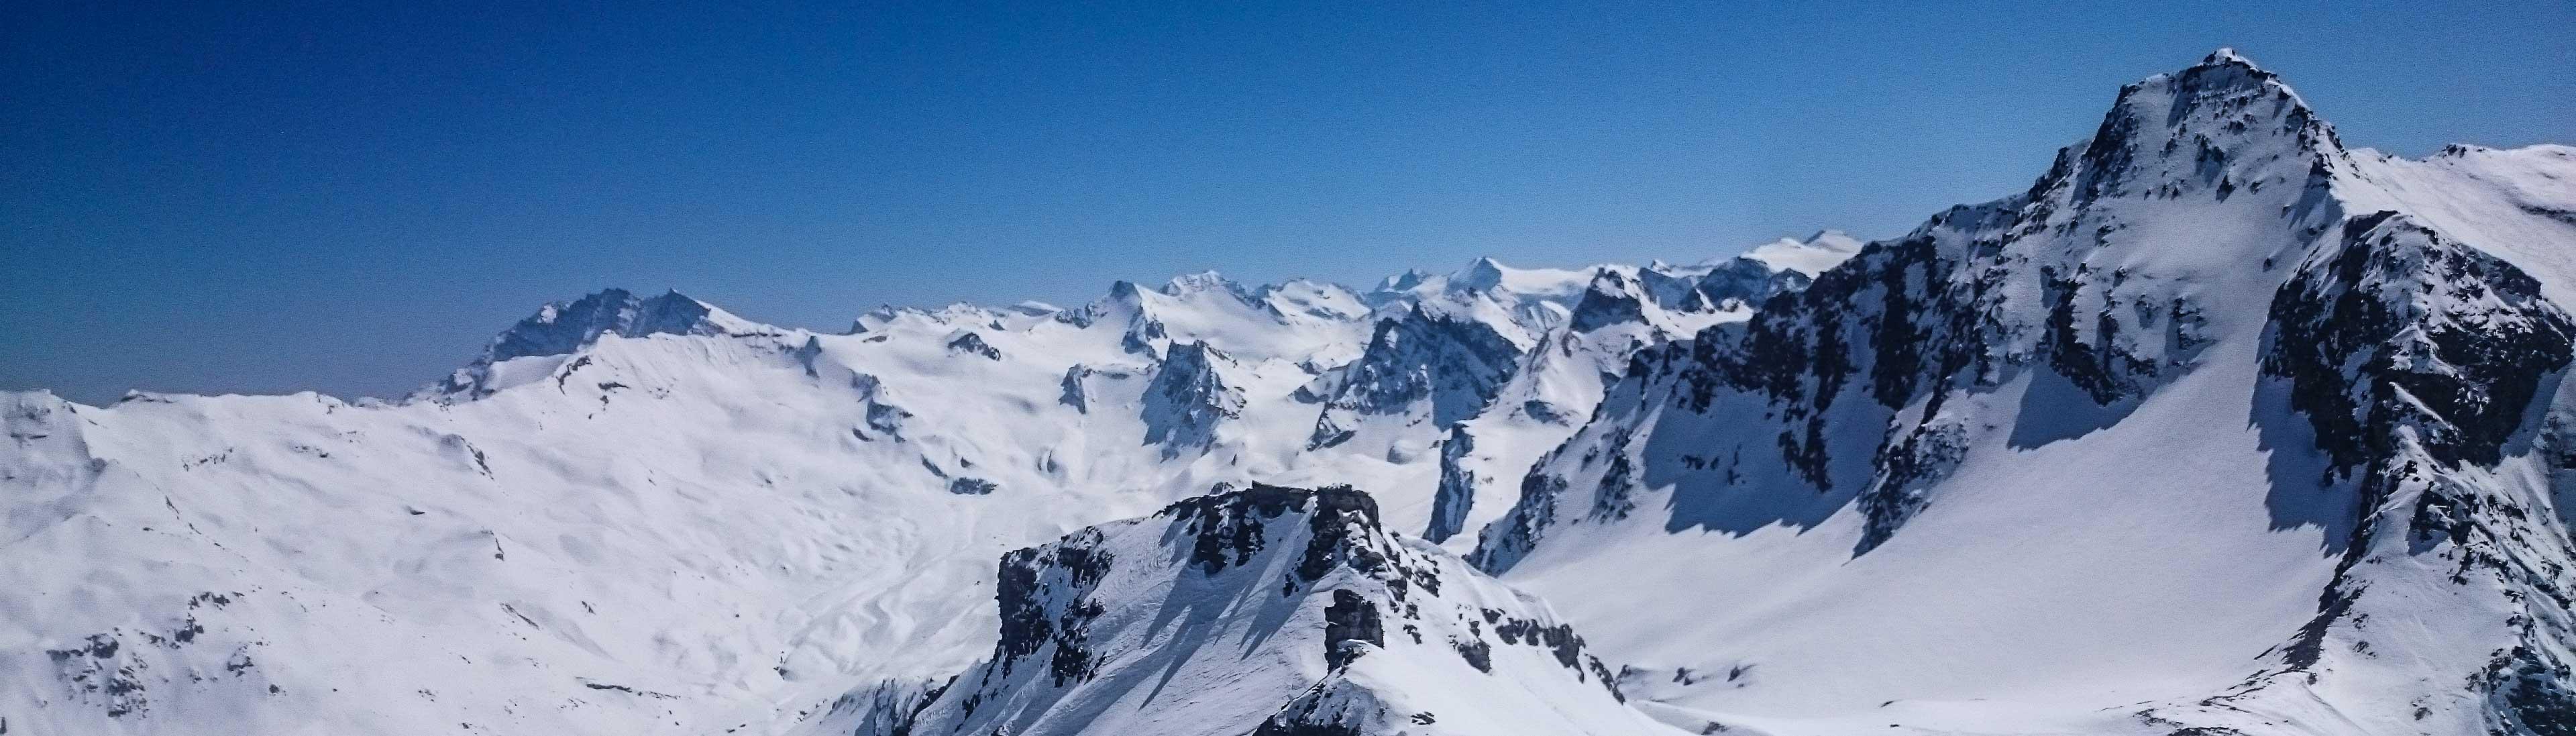 Skitour Gran Paradiso